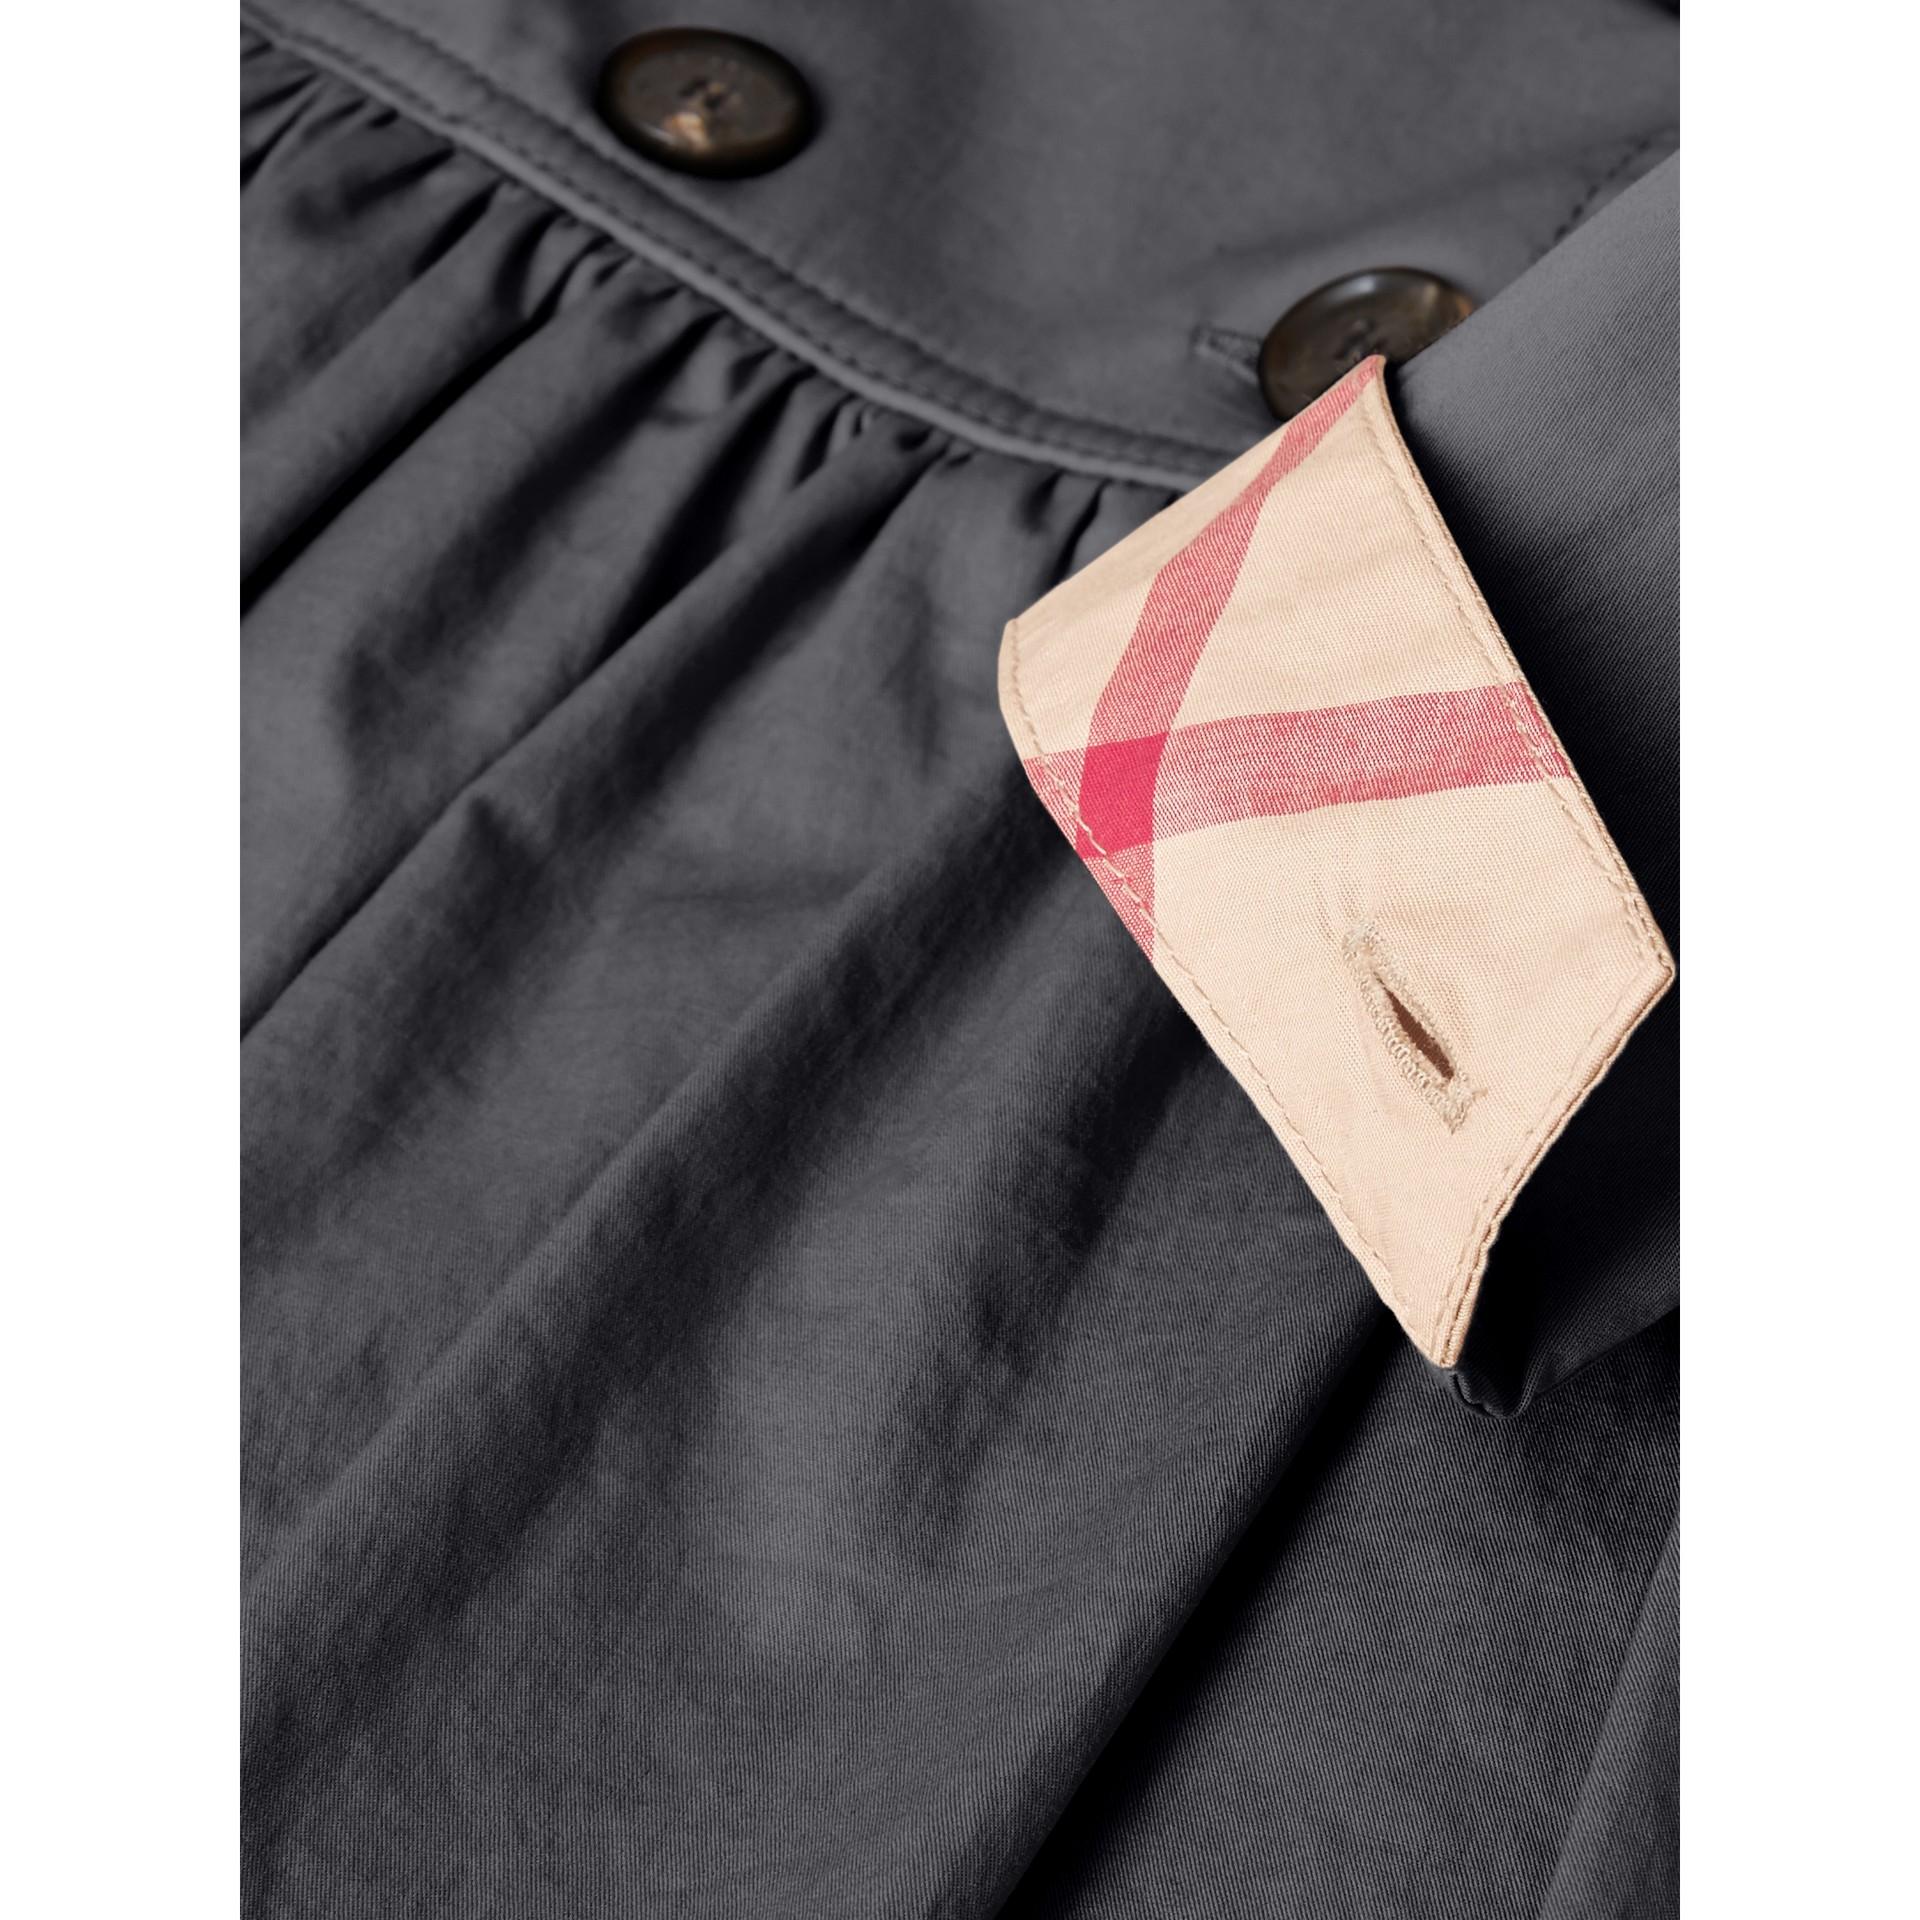 Vestido trench de algodão stretch com detalhe xadrez (Azul Meia Noite) | Burberry - galeria de imagens 1